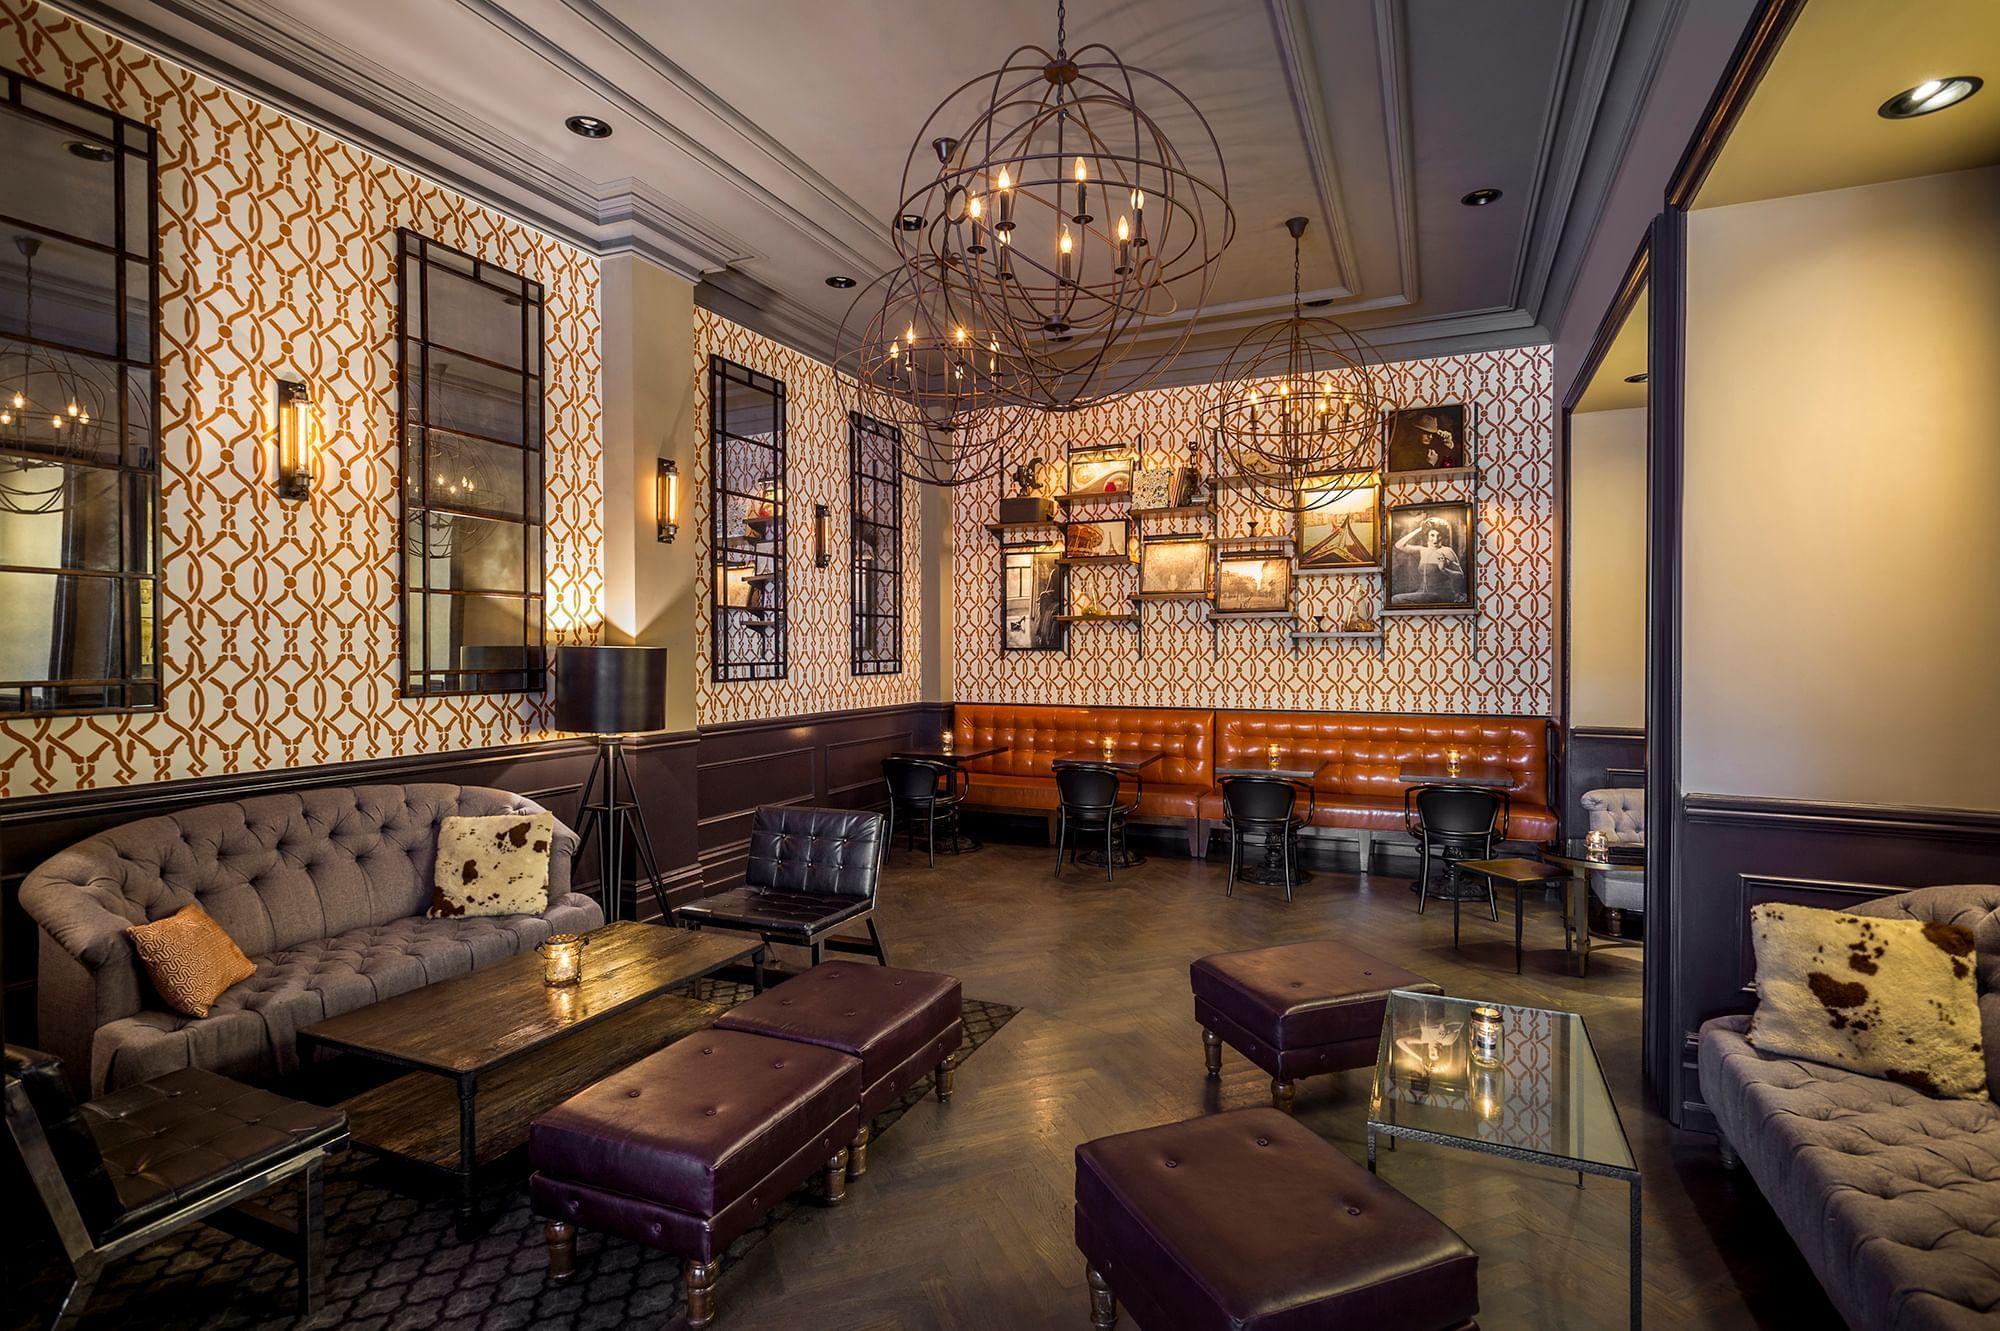 The European Bar